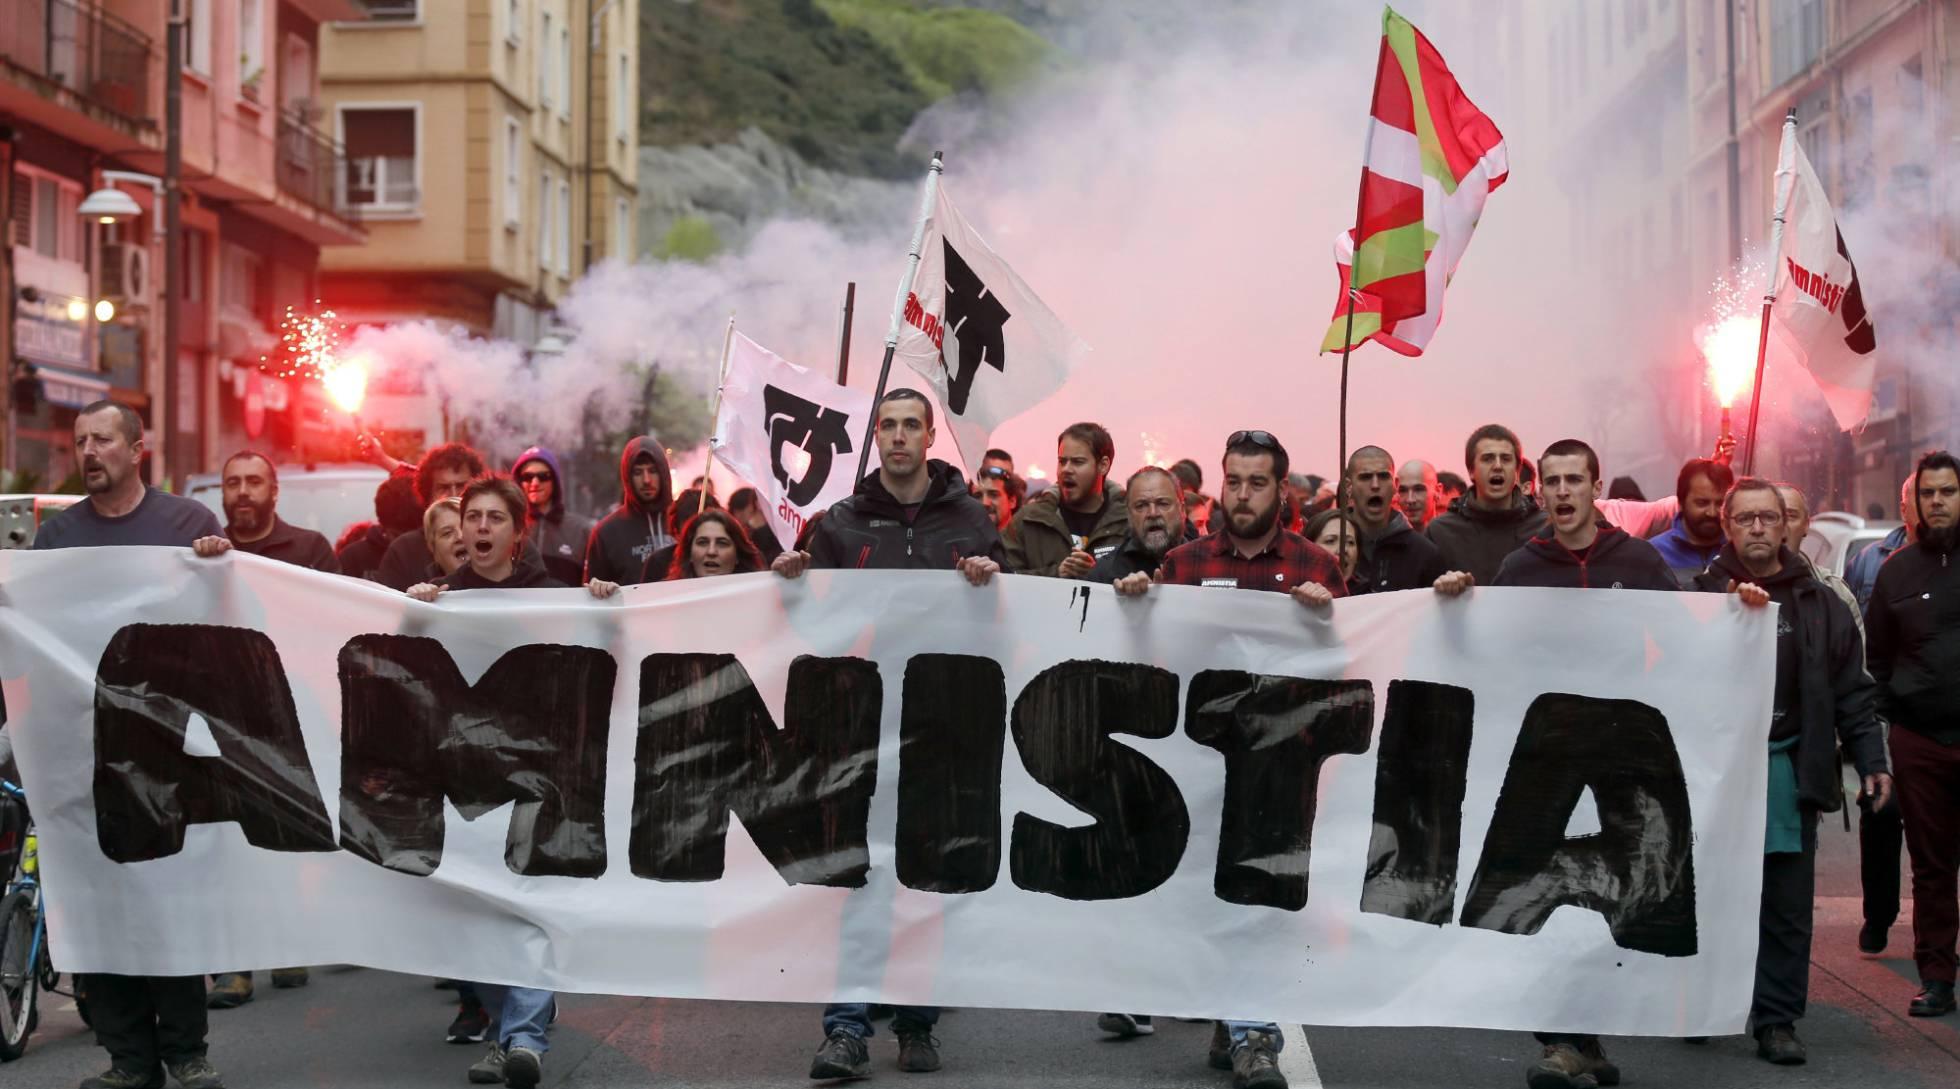 """Euskal Herria: Una multitud exige """"respeto a los derechos"""" de presos y exiliados. [vídeo] - Página 2 1460455776_721593_1460456116_noticia_normal_recorte1"""